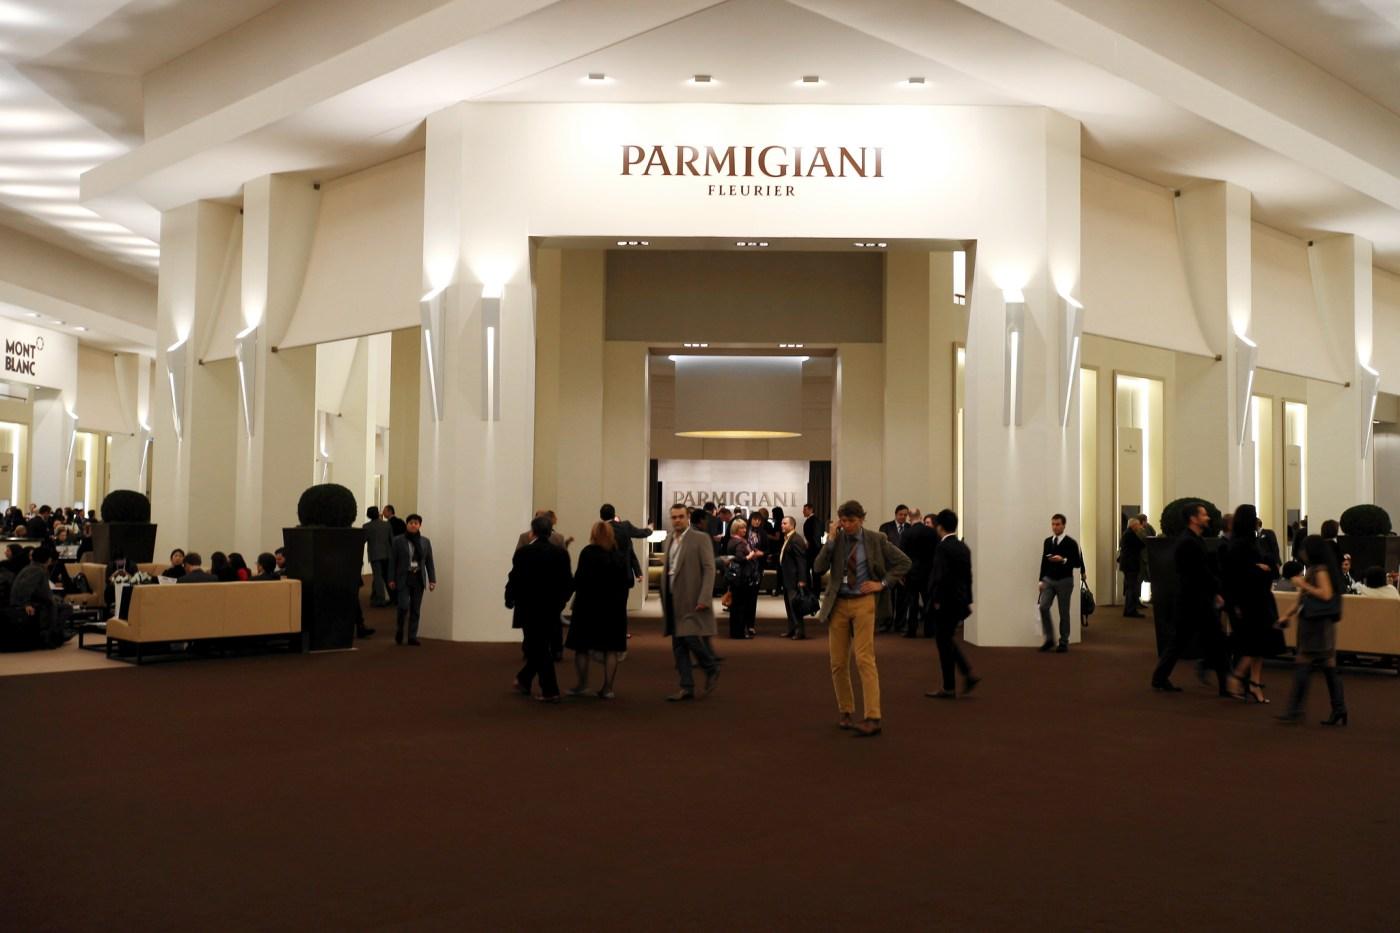 Parmigiani Fleurier SIHH 2012